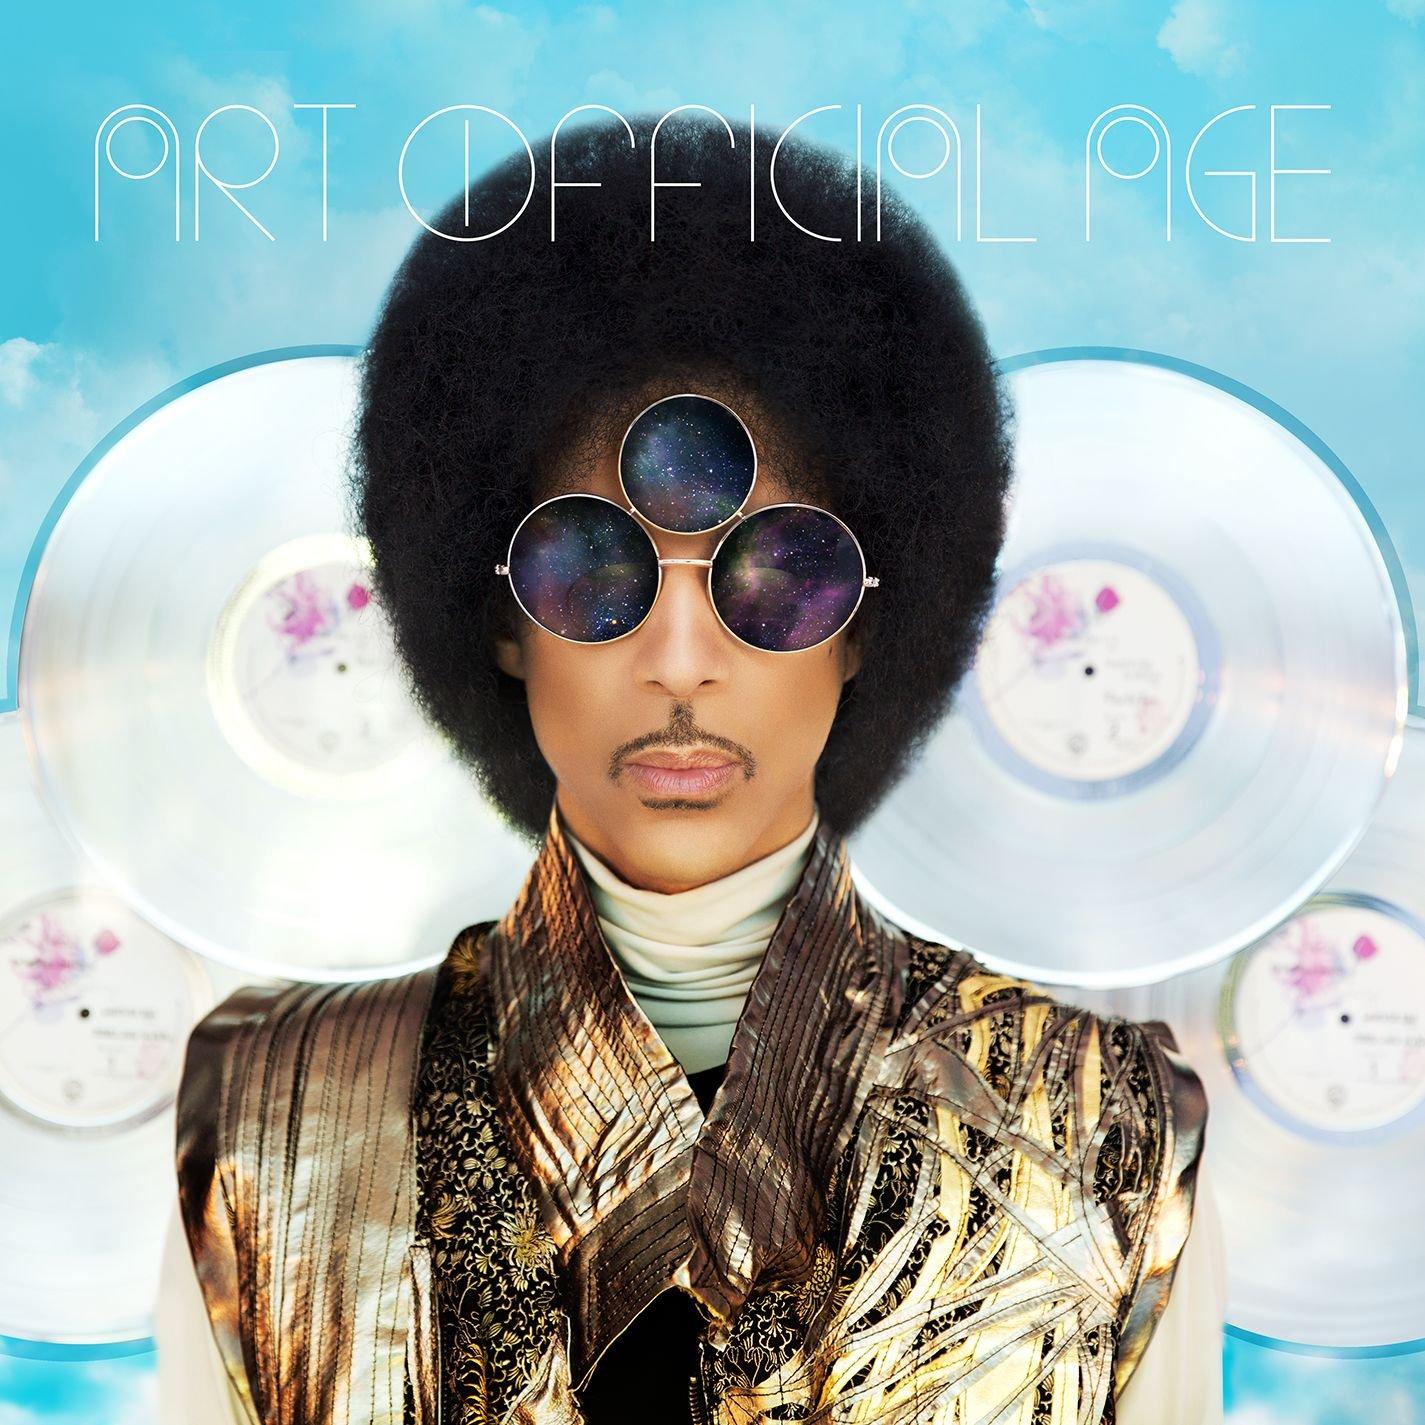 Resultado de imagen de prince art official age